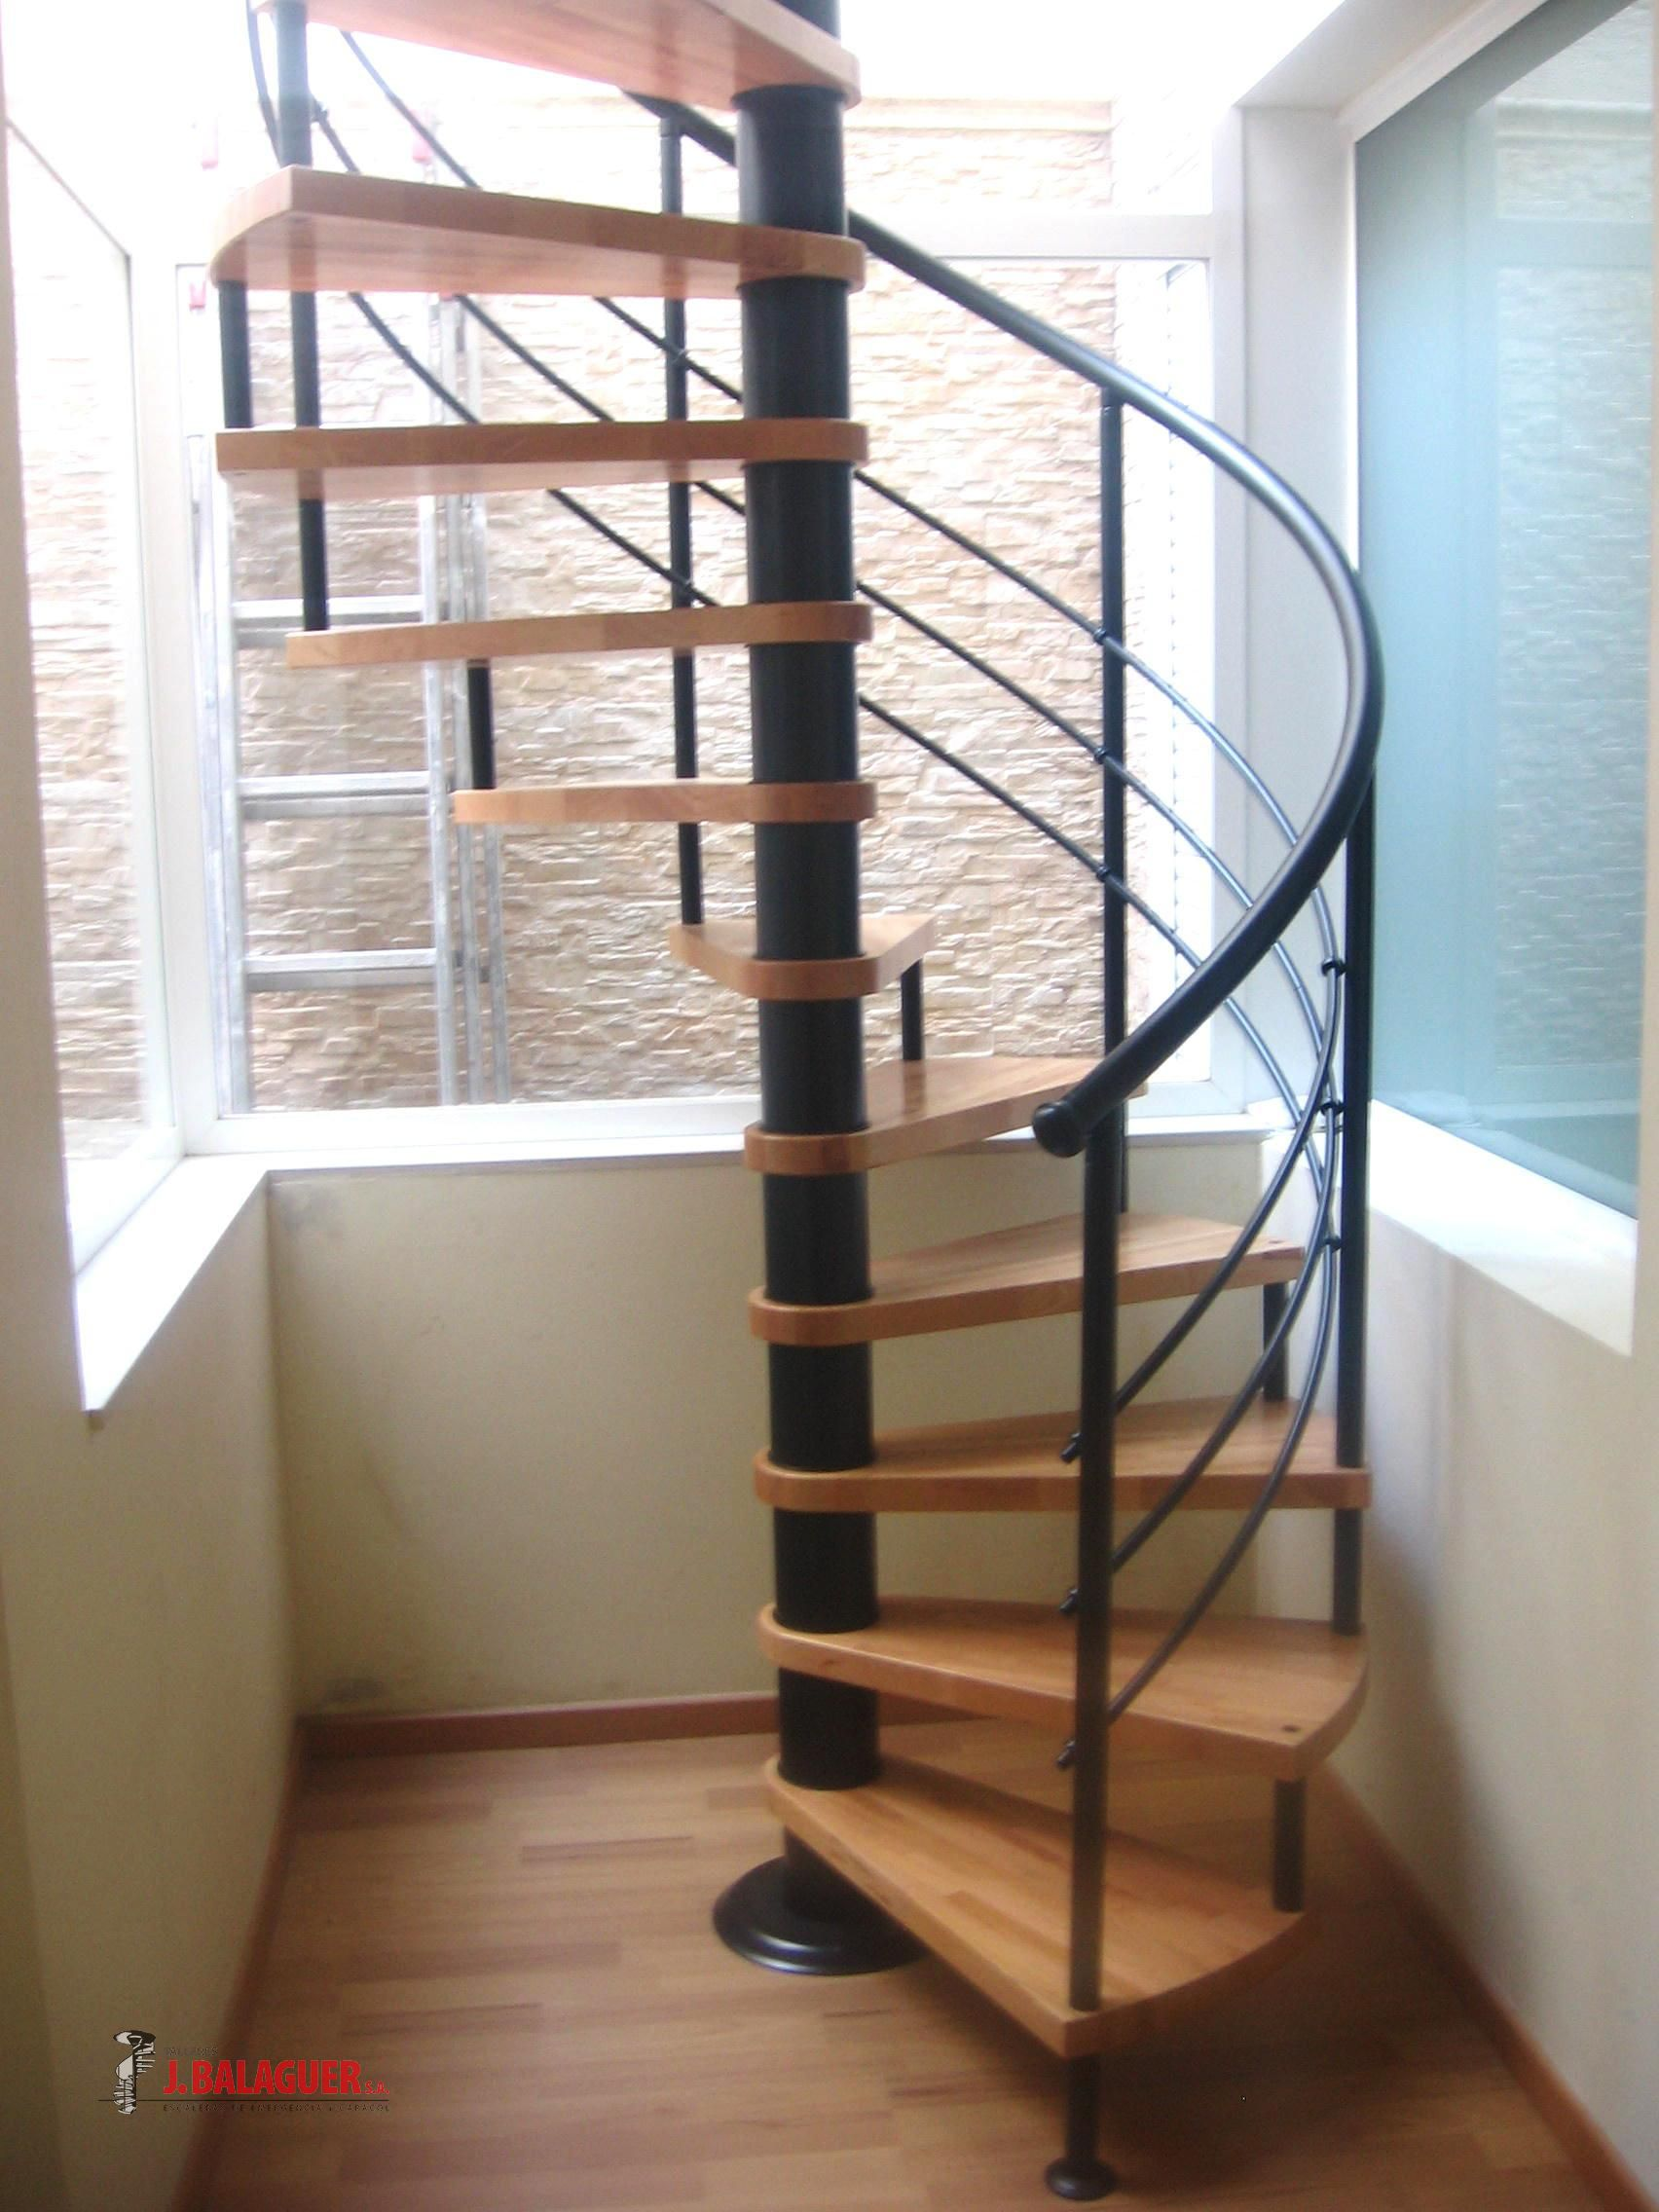 Model m6 escaleras balaguer - Escaleras de caracol de madera ...